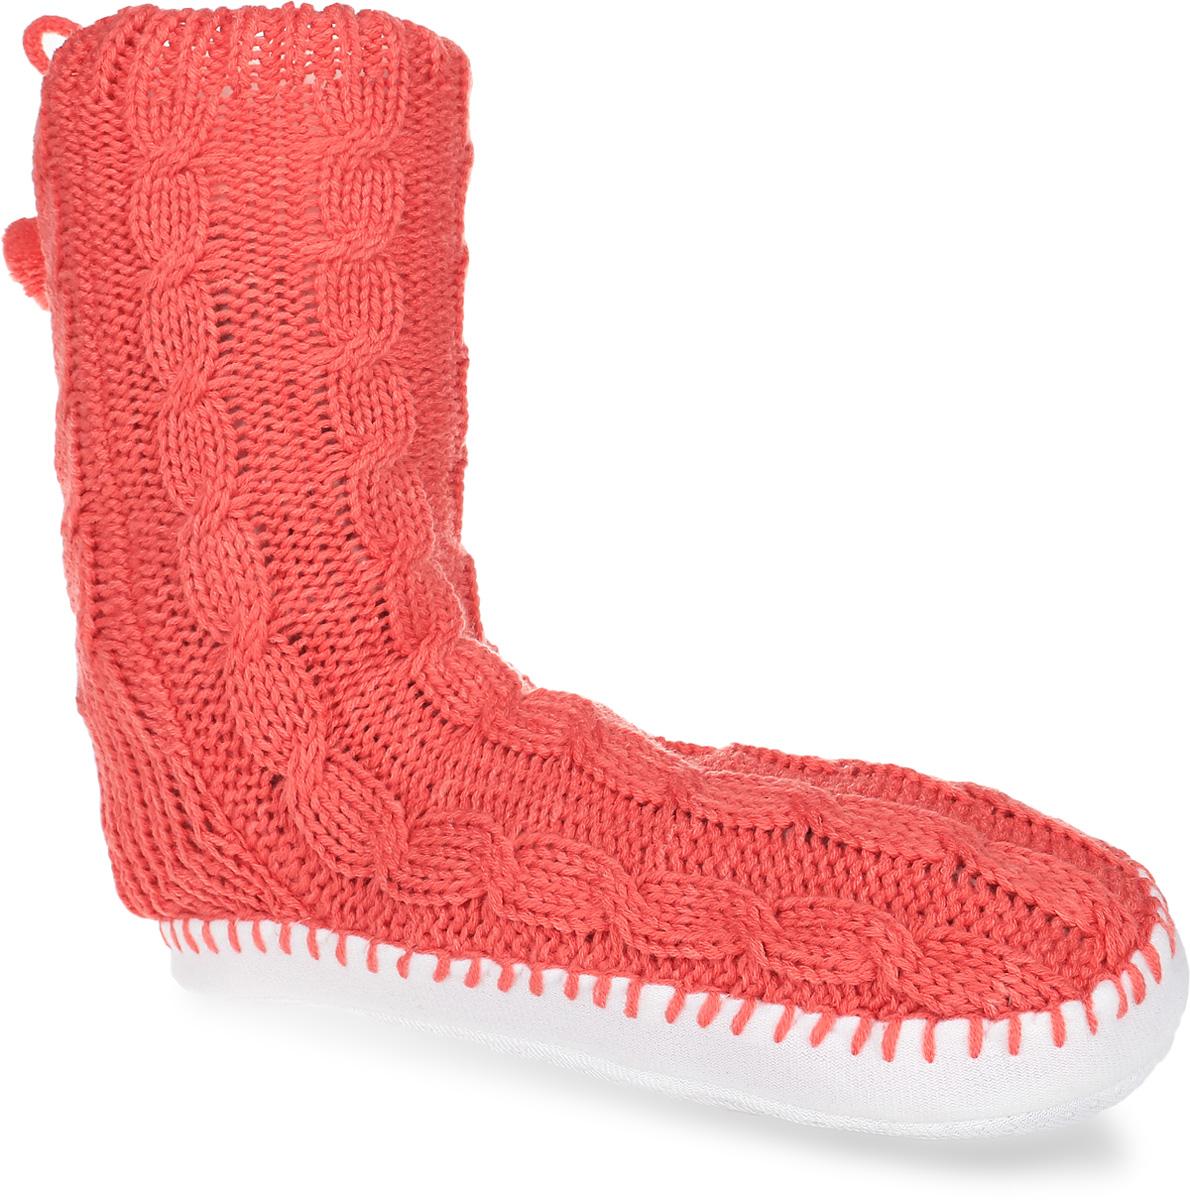 ТапочкиH30Женские вязанные тапки-носки Burlesco не дадут вашим ногам замерзнуть. Модель выполнена из мягкого текстиля и оформлена оригинальным узором и украшена небольшим бантиком с помпонами. Плотная подошва дополнена силиконовыми вставками против скольжения. Тапки обеспечат прогрев ног сухим теплом, защитят от воздействия холода и сквозняков, и снимут усталость ног. Легкие и мягкие тапки подарят чувство уюта и комфорта.